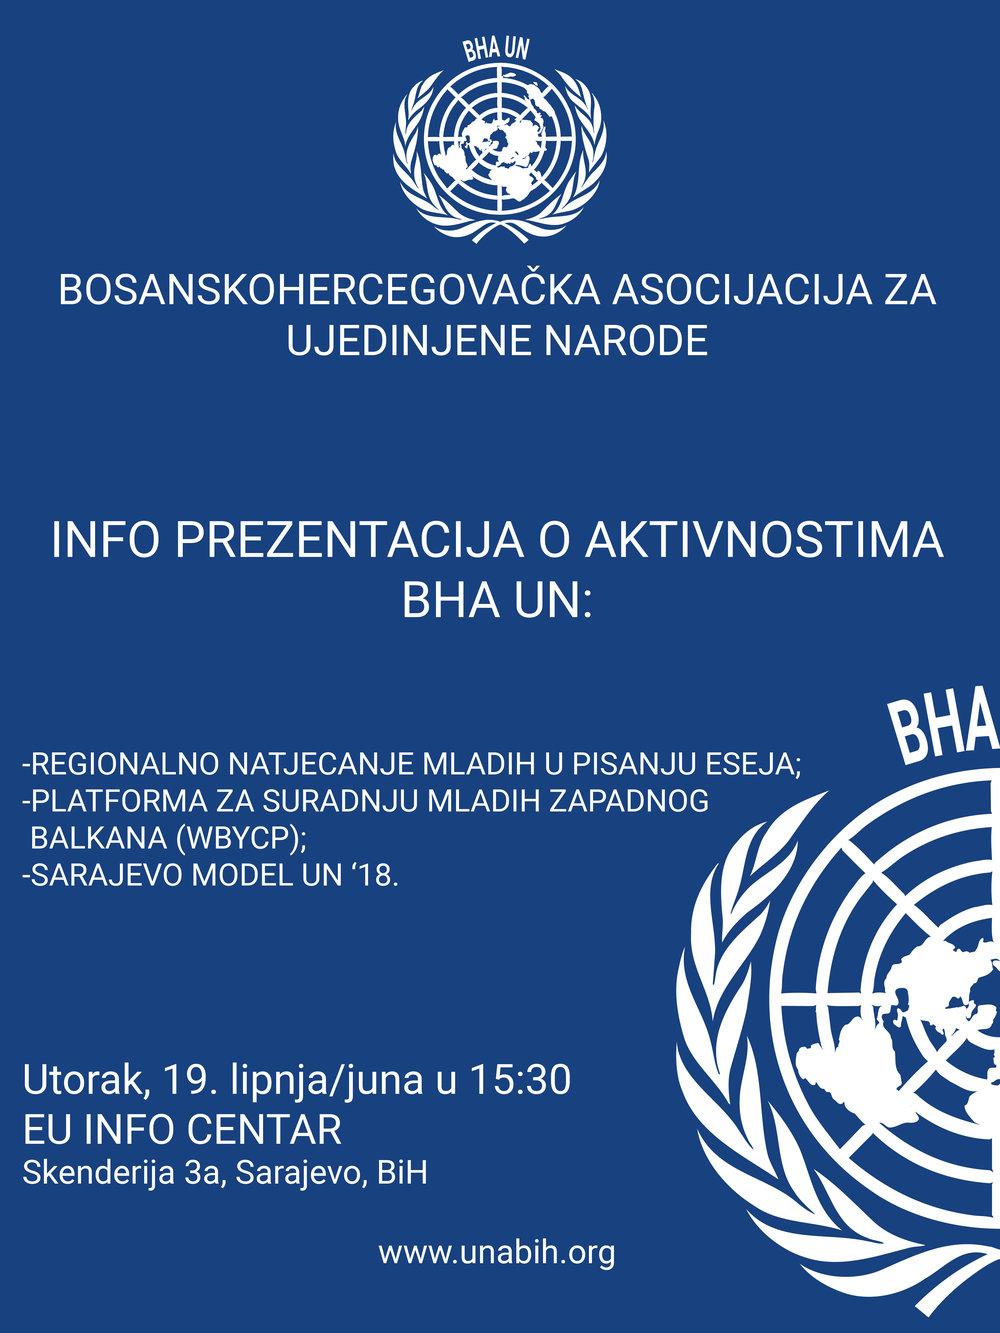 Poster za event 19.6.2018. - EU Info Centar.jpg